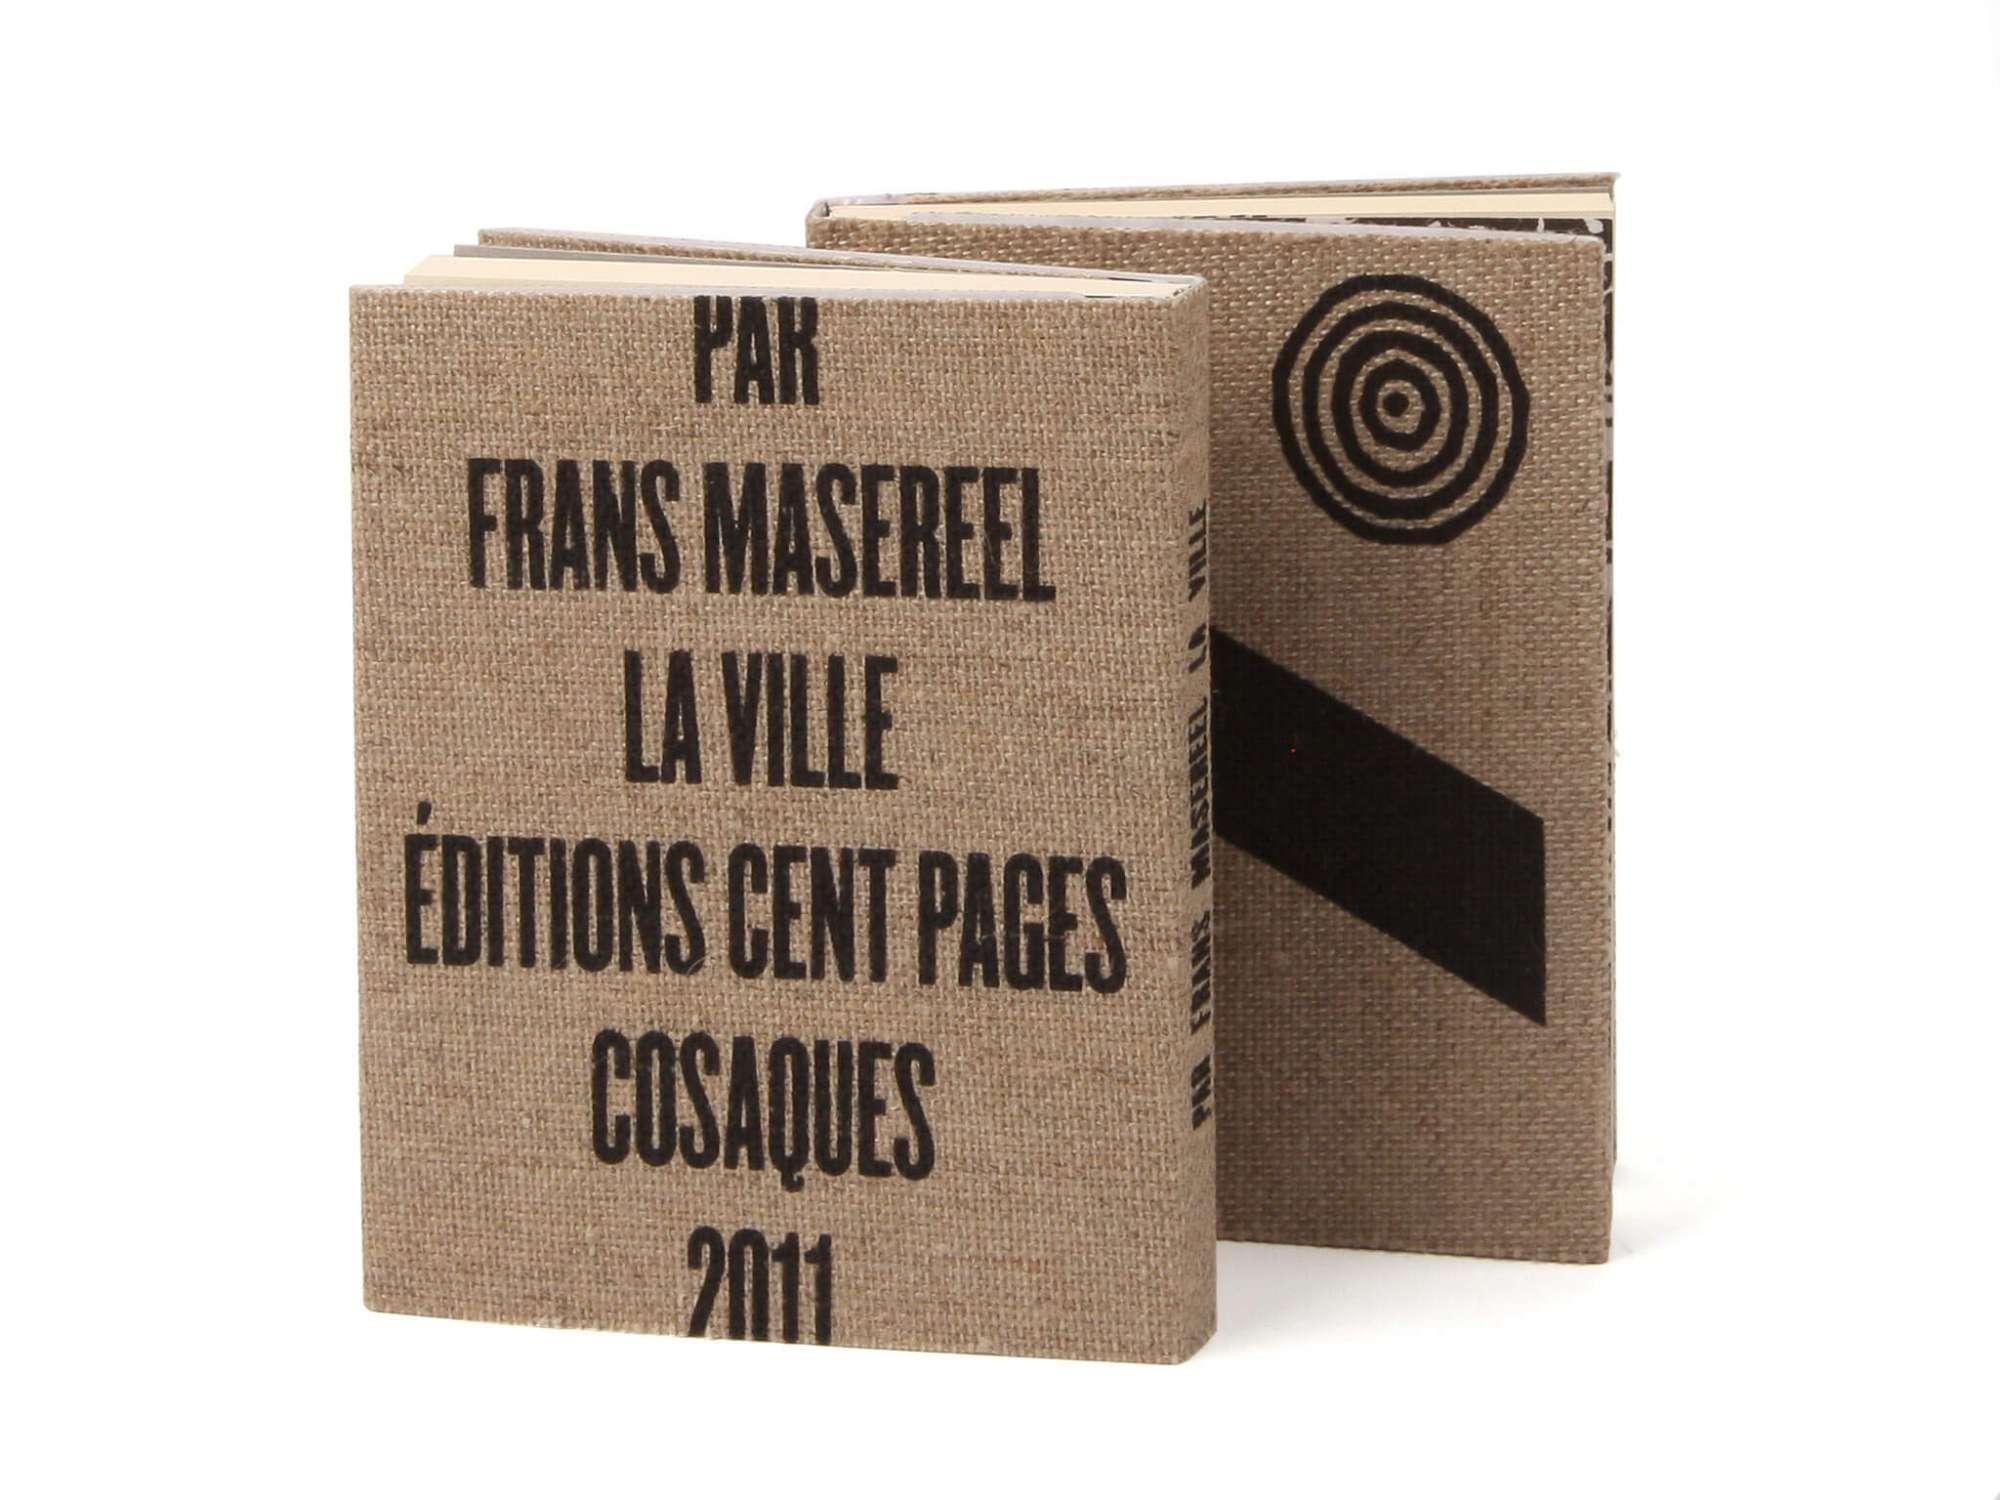 Frans Masereel La Ville Éditions cent pages Collection Cosaques Jaquette sérigraphie sur toile bois gravé